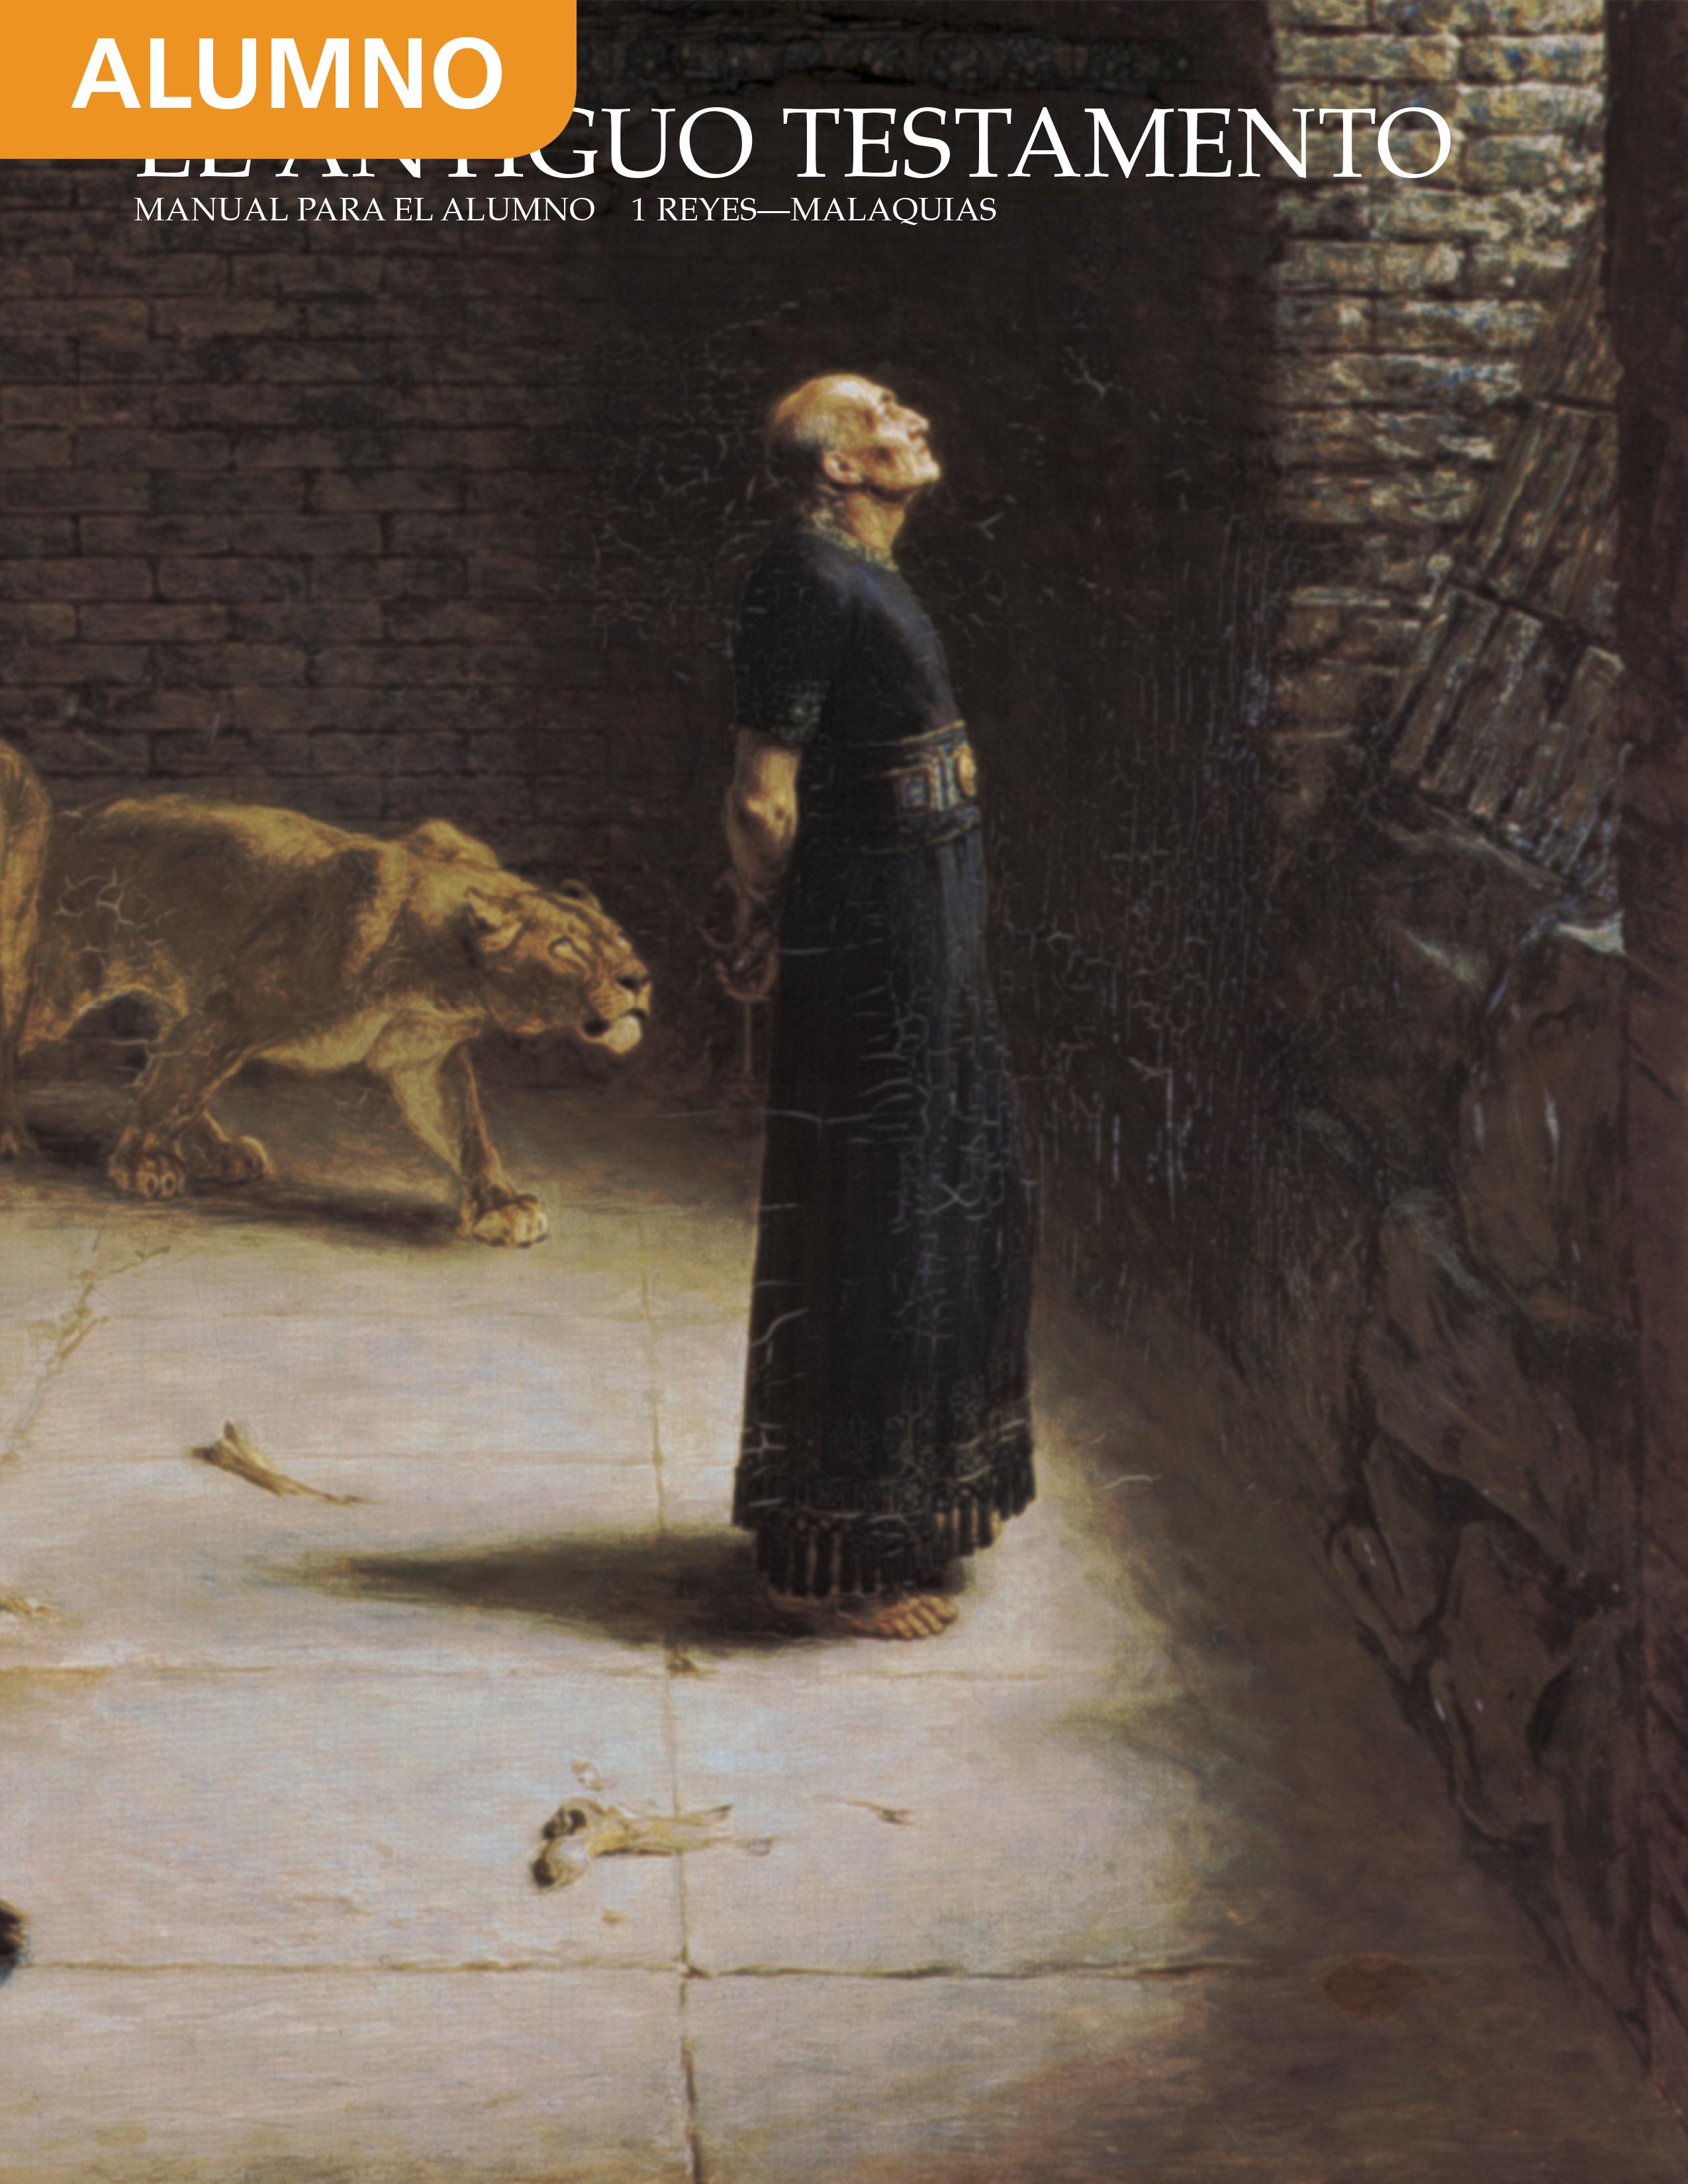 ElAntiguo Testamento: Manual para el alumno, 1 Reyes–Malaquías (Religión 302)